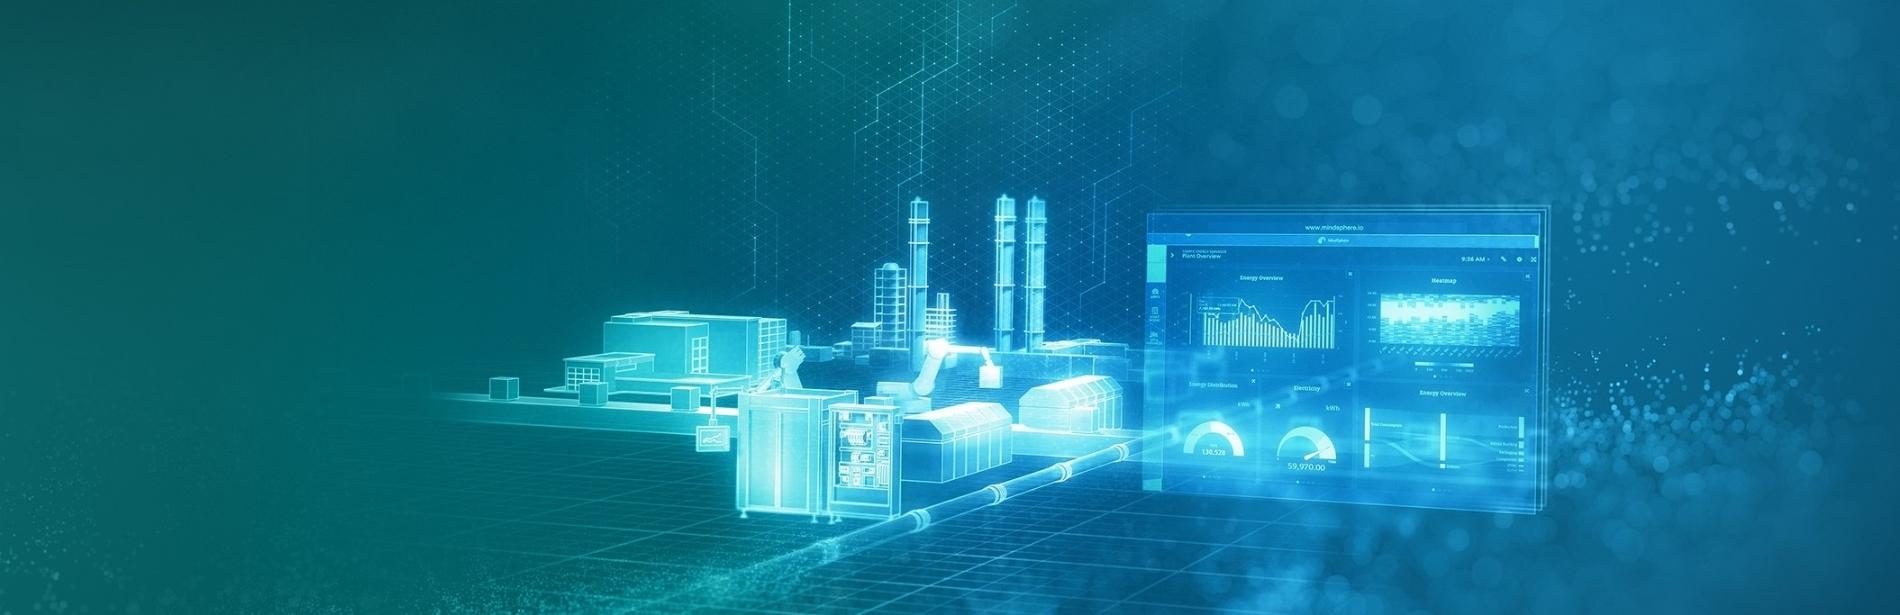 Alla scoperta del nuovo Digital Experience Center di Siemens a Piacenza